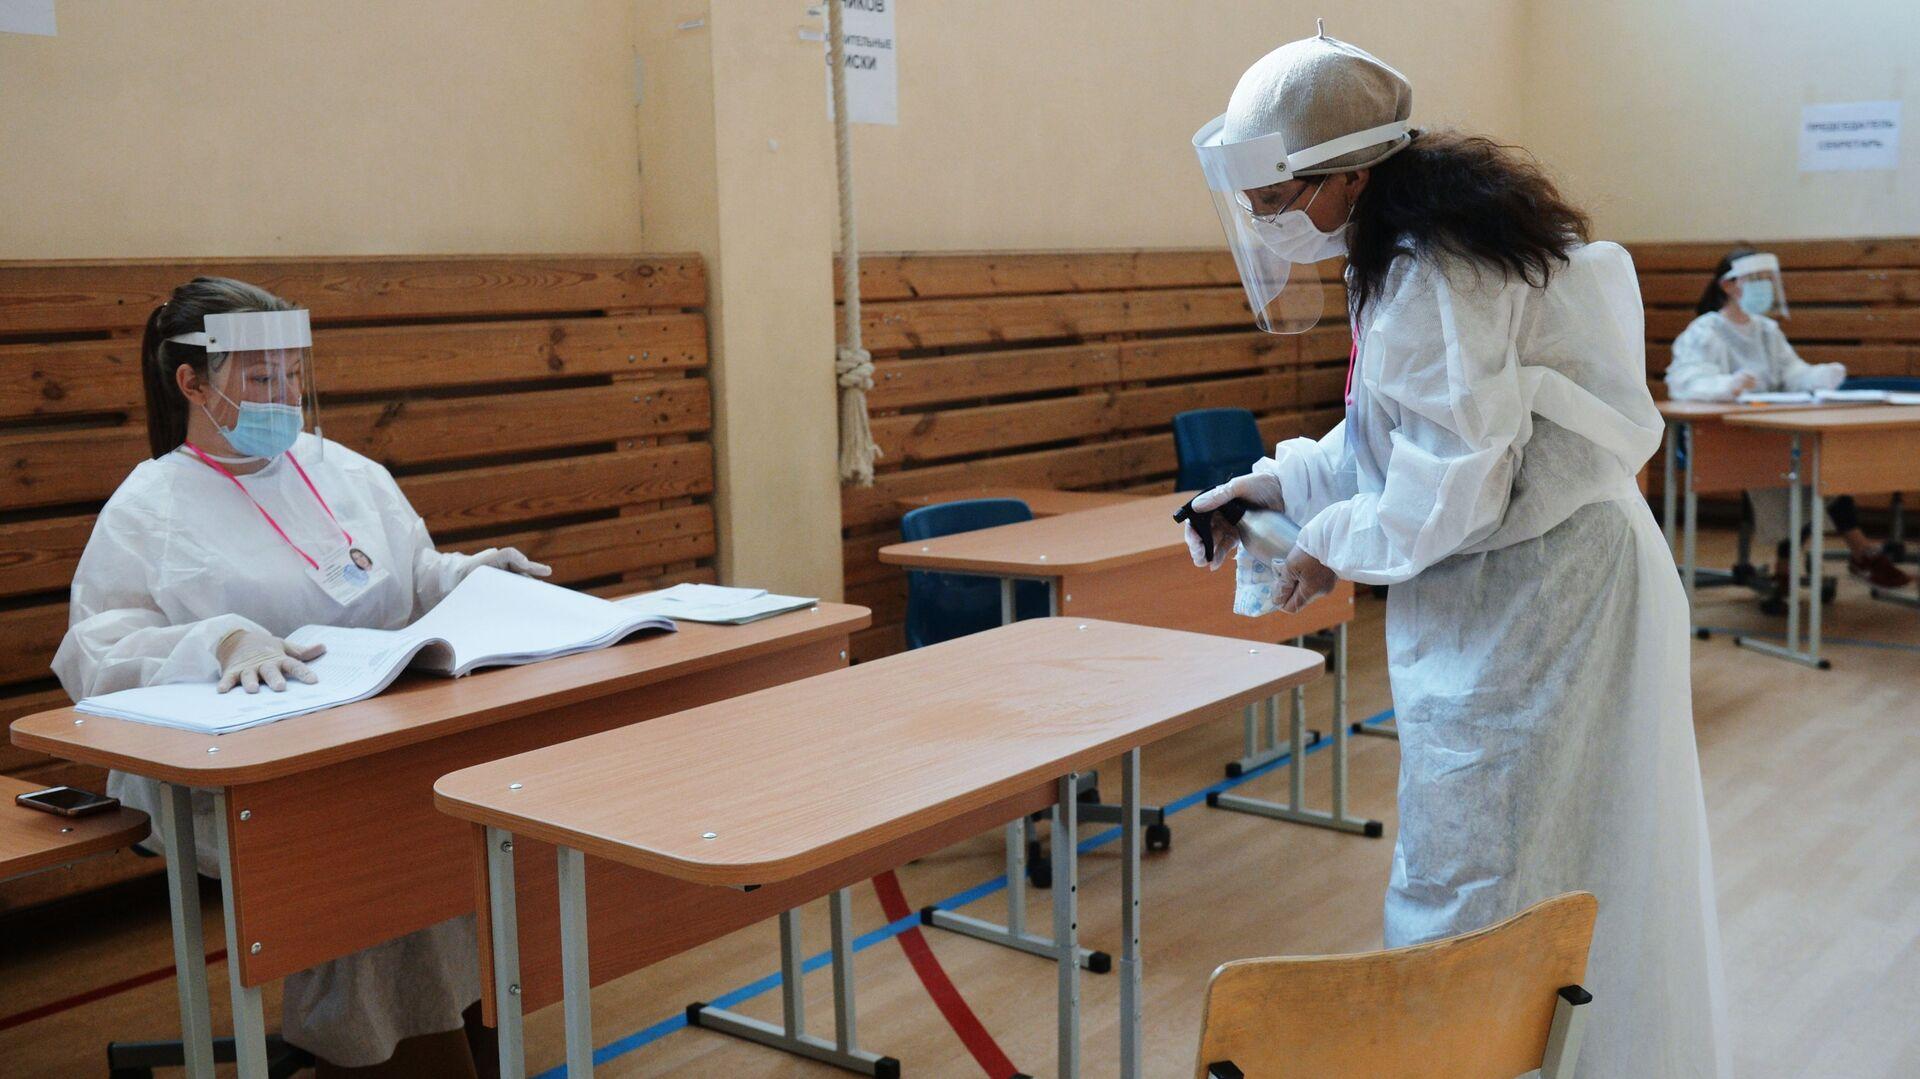 Голосование на выборах в условиях пандемии - Sputnik Таджикистан, 1920, 21.06.2021